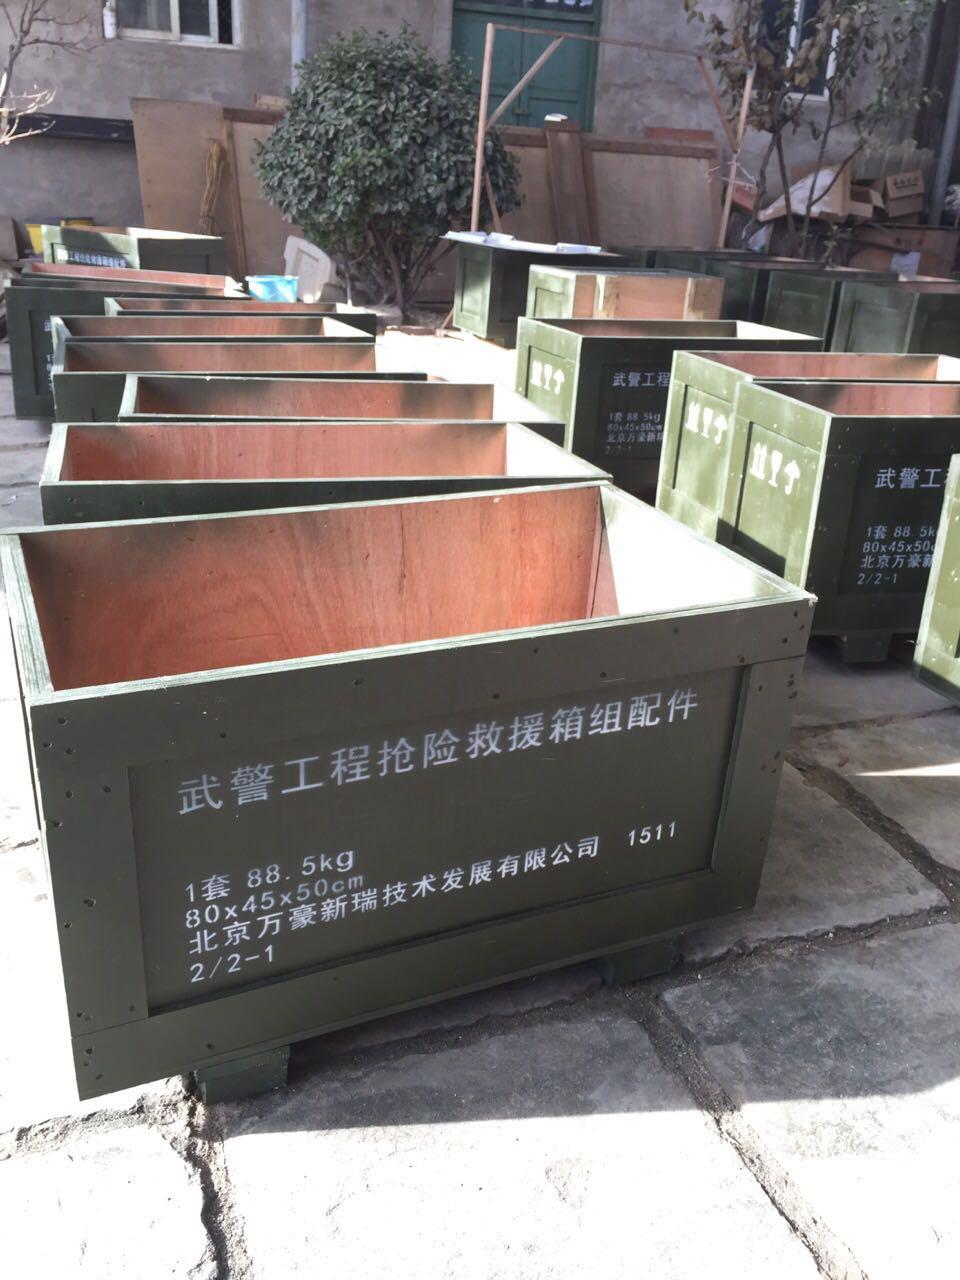 延庆永宁部队军用仪器